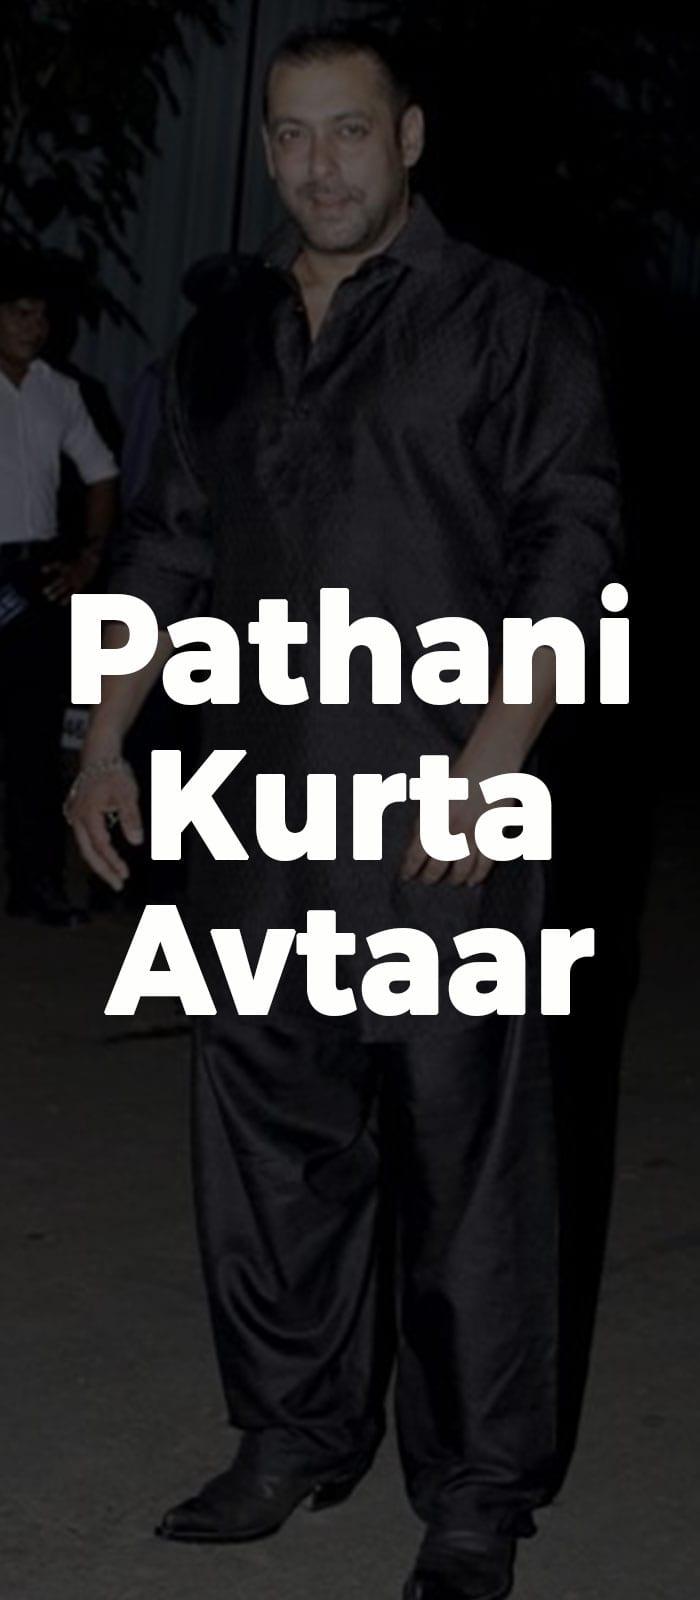 Pathani Kurta Avtaar